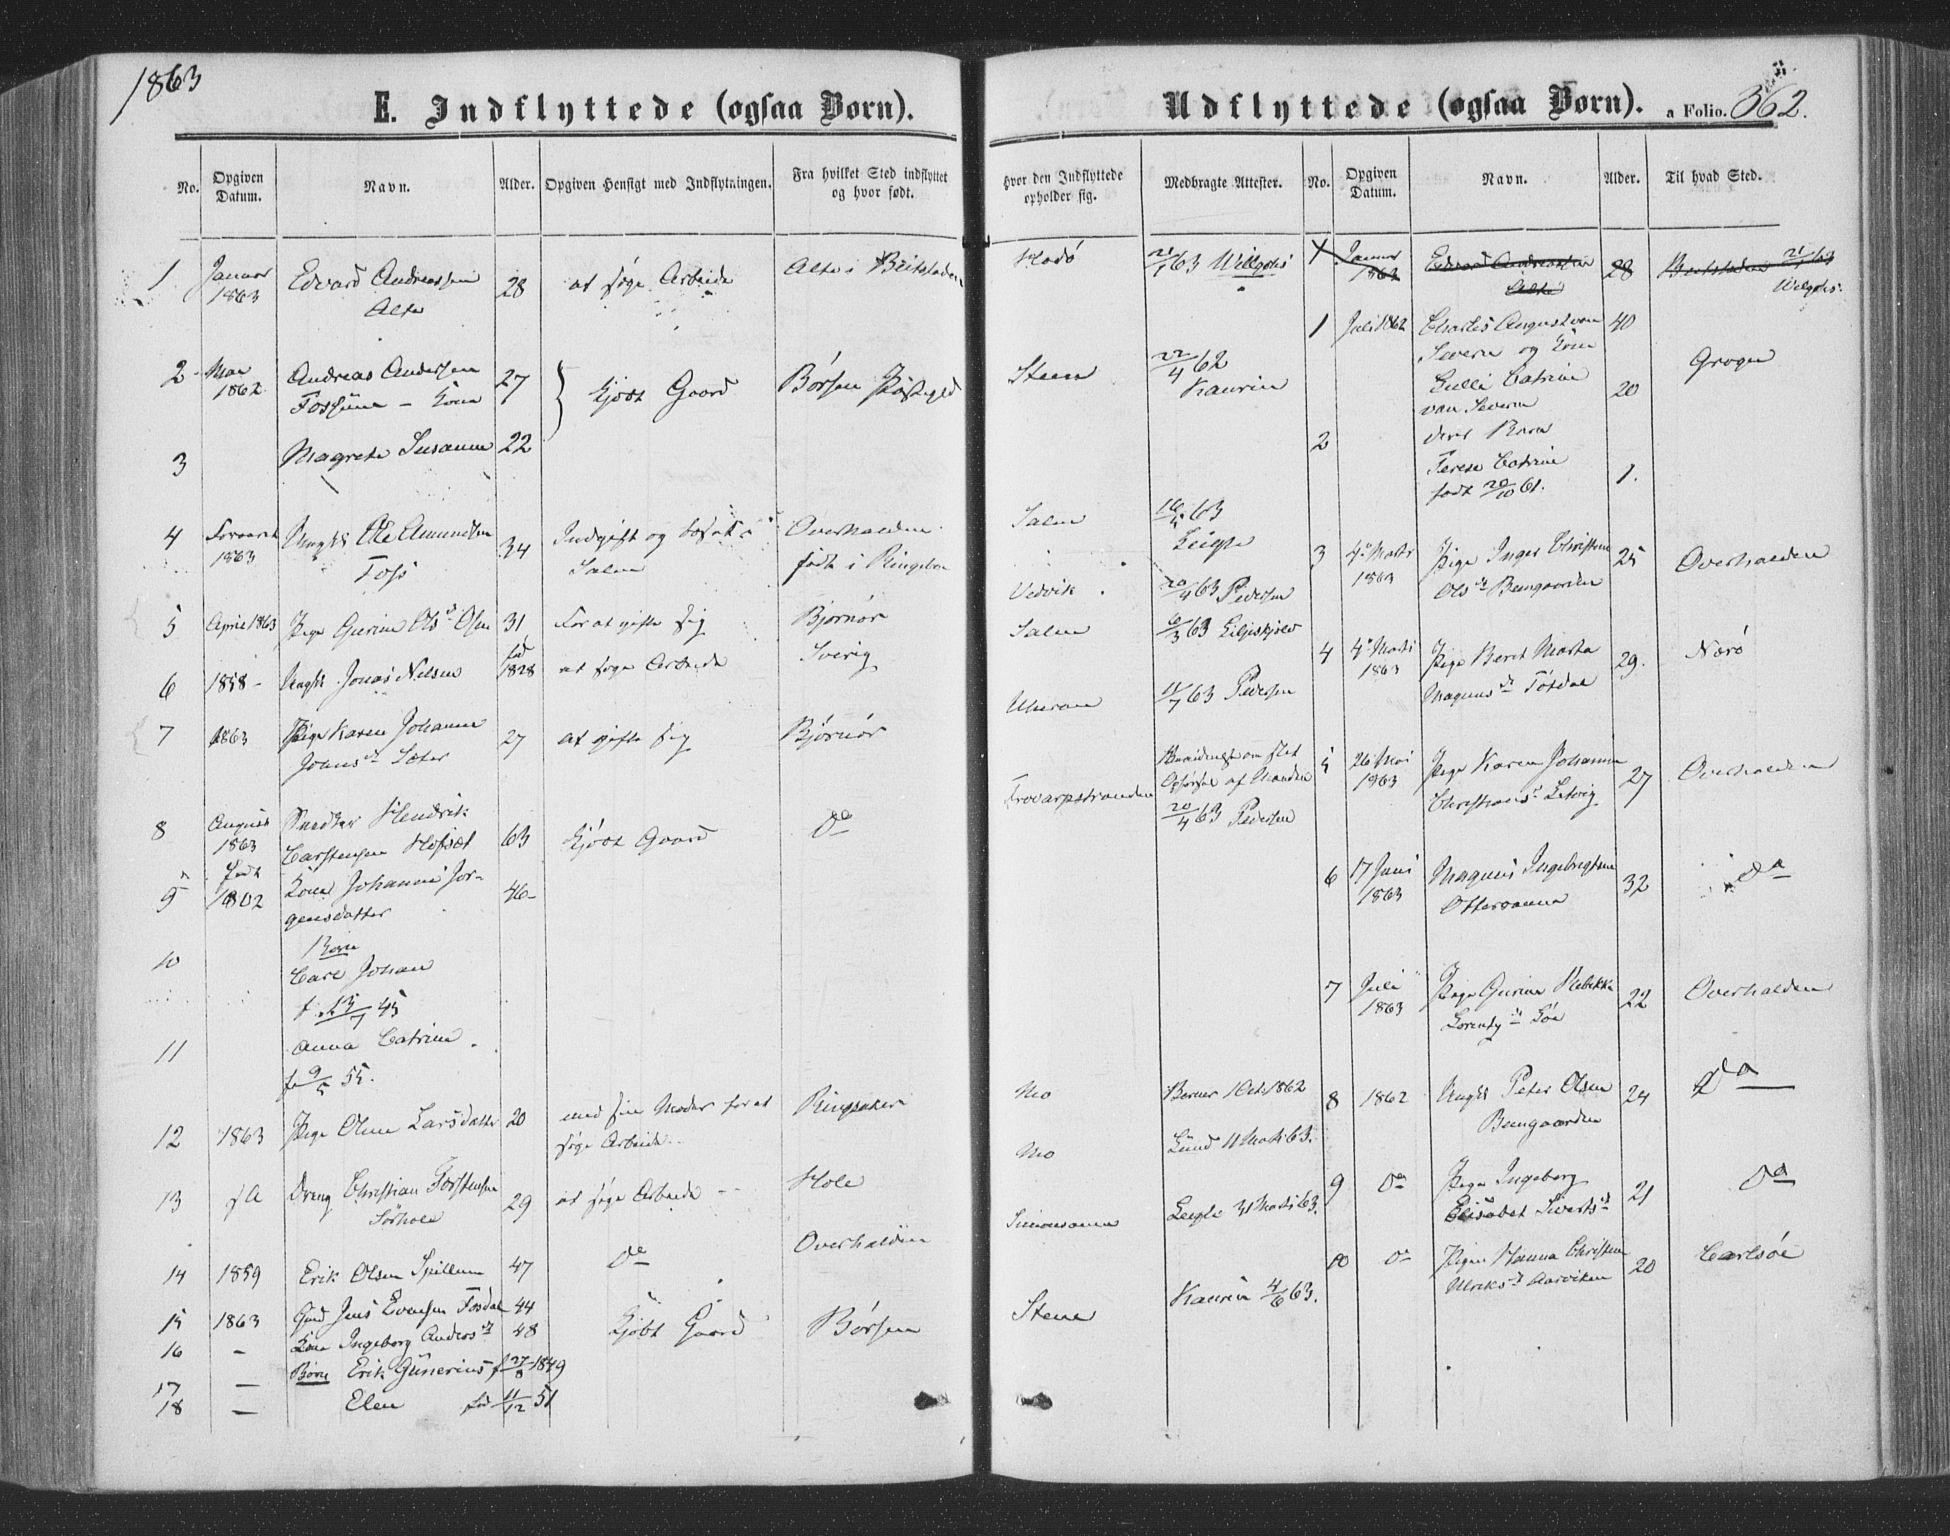 SAT, Ministerialprotokoller, klokkerbøker og fødselsregistre - Nord-Trøndelag, 773/L0615: Ministerialbok nr. 773A06, 1857-1870, s. 362